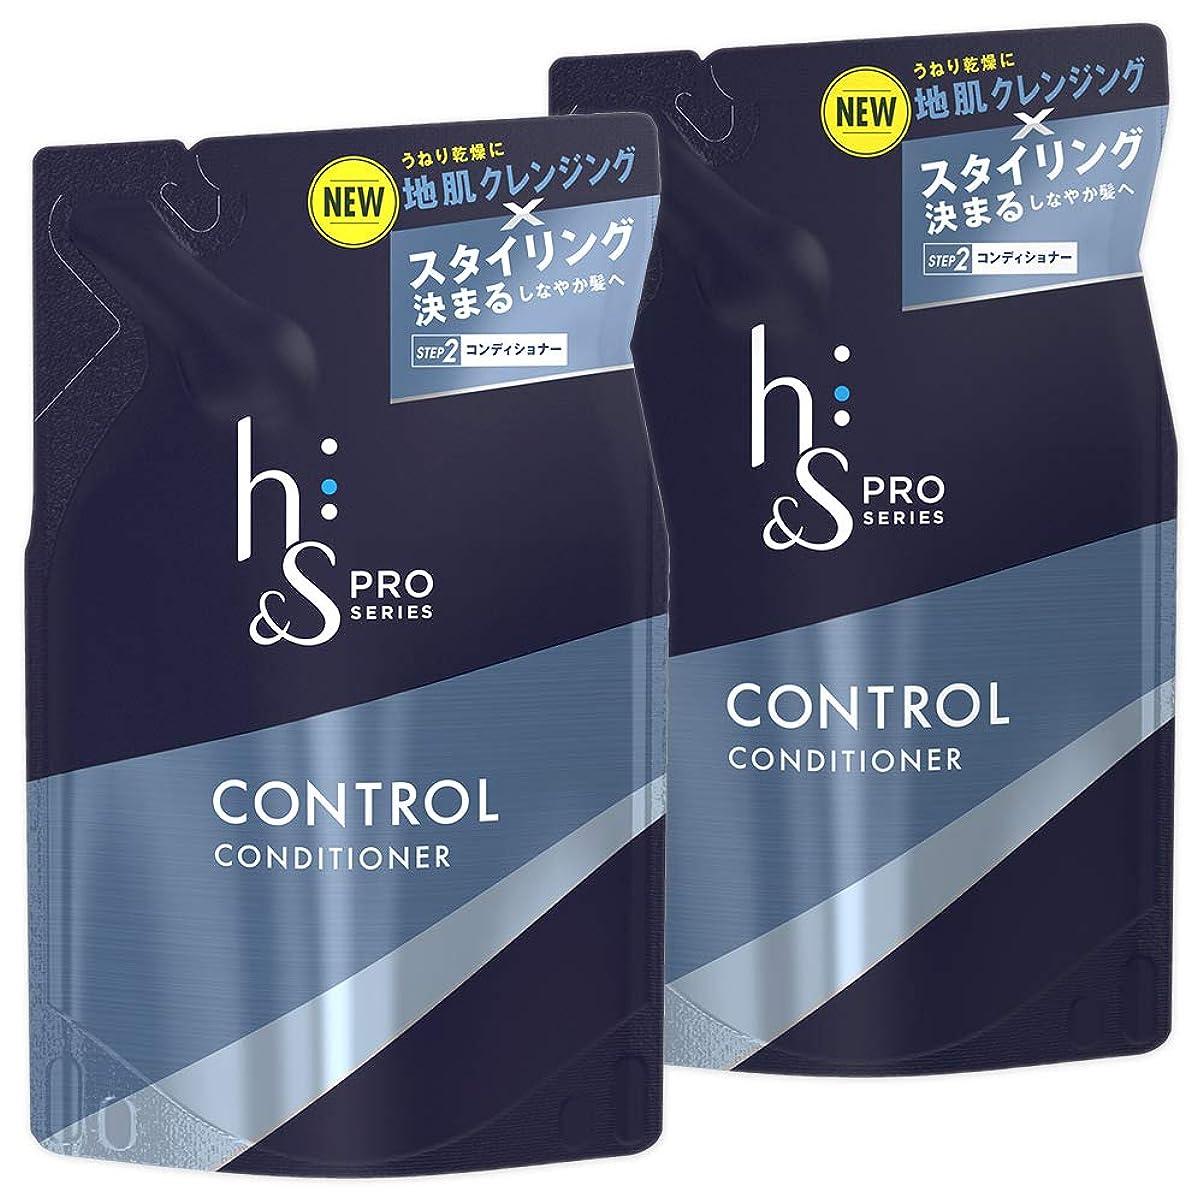 【まとめ買い】 h&s for men コンディショナー PRO Series コントロール 詰め替え 300g×2個